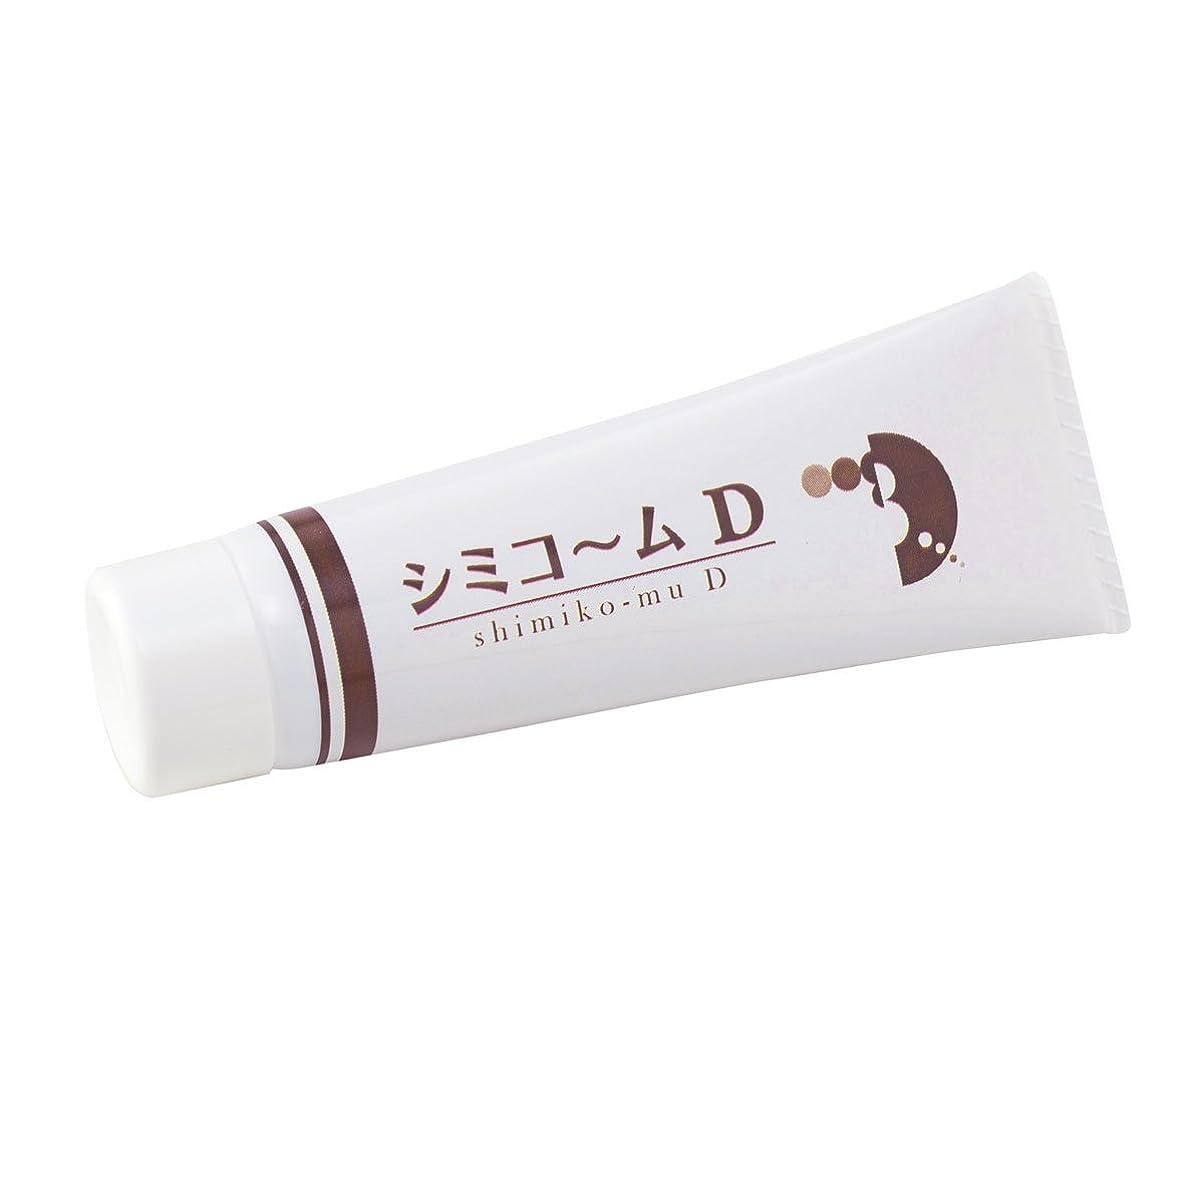 死の顎パブ中にしみ取り 化粧品 ハイドロキノン シミコ~ム D